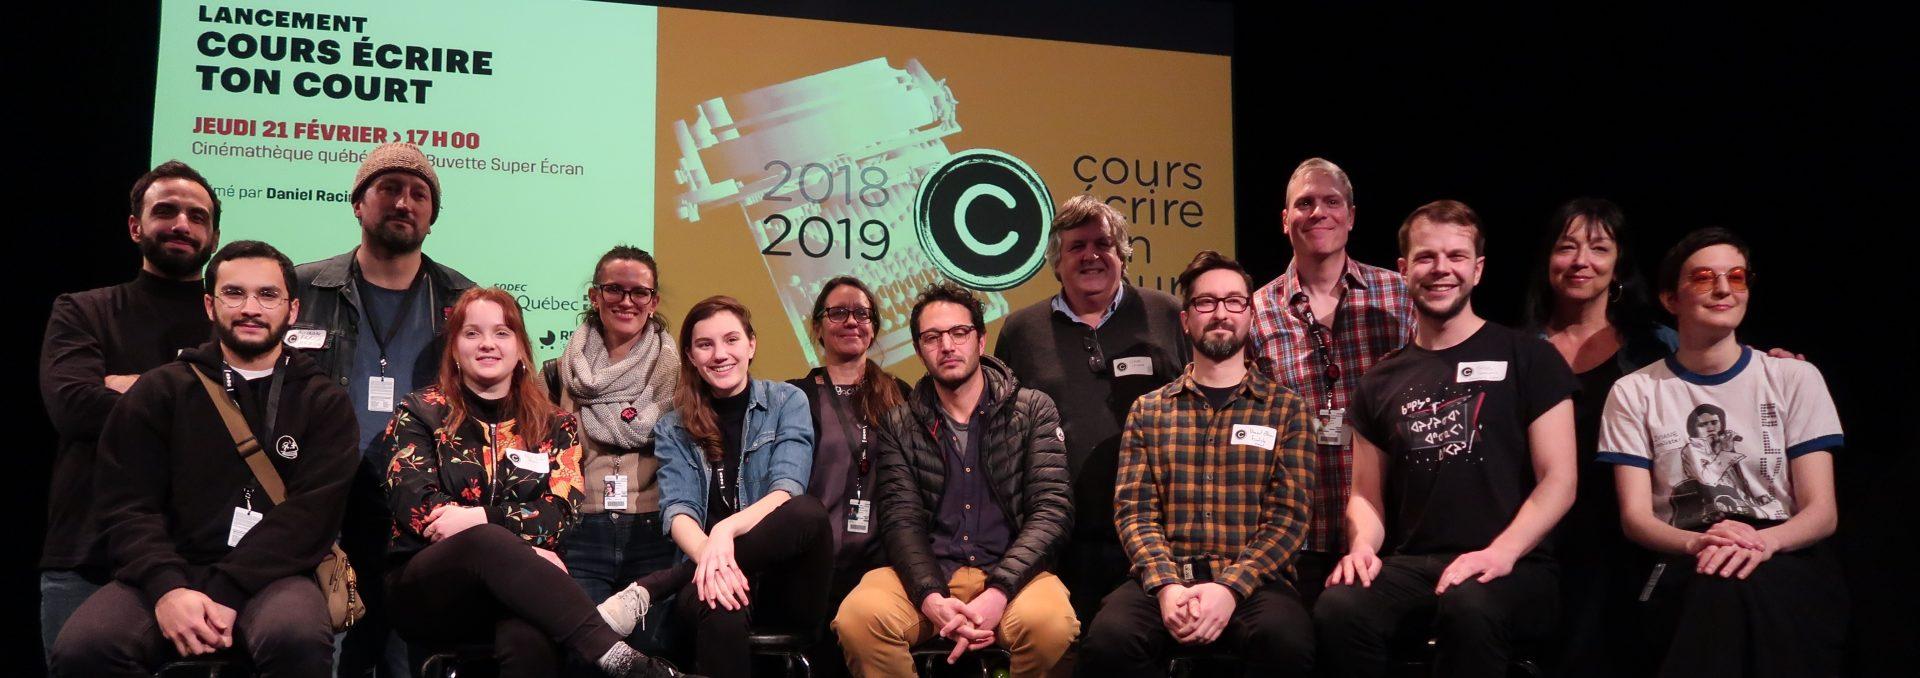 Finalistes accompagnés de leur mentor lors de l'édition 2018-2019